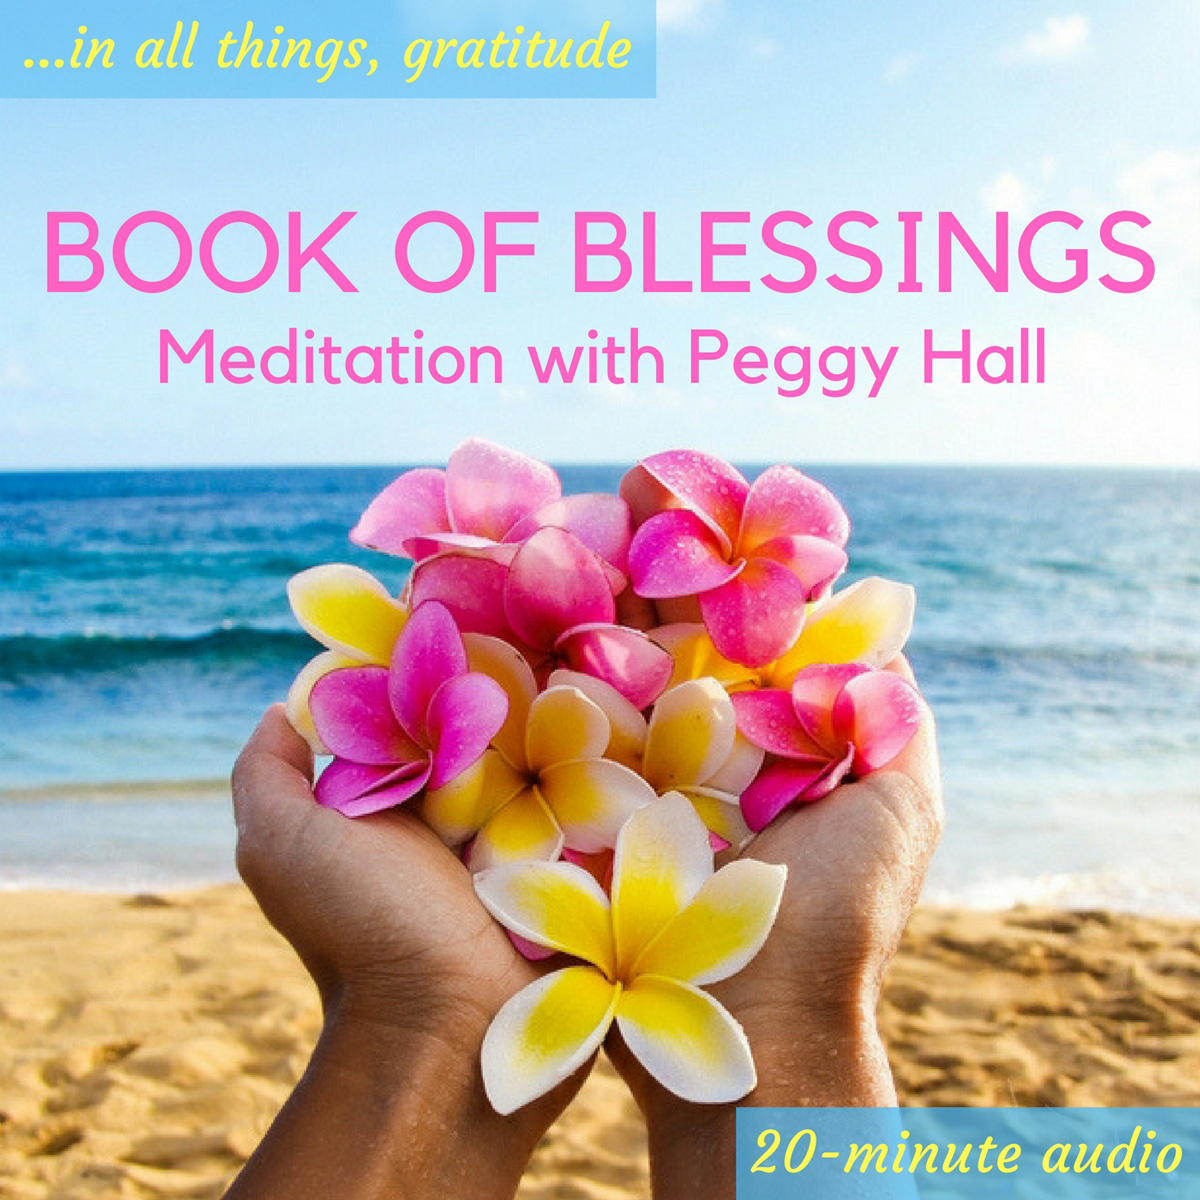 book-of-blessings-CD-cover-web.jpg